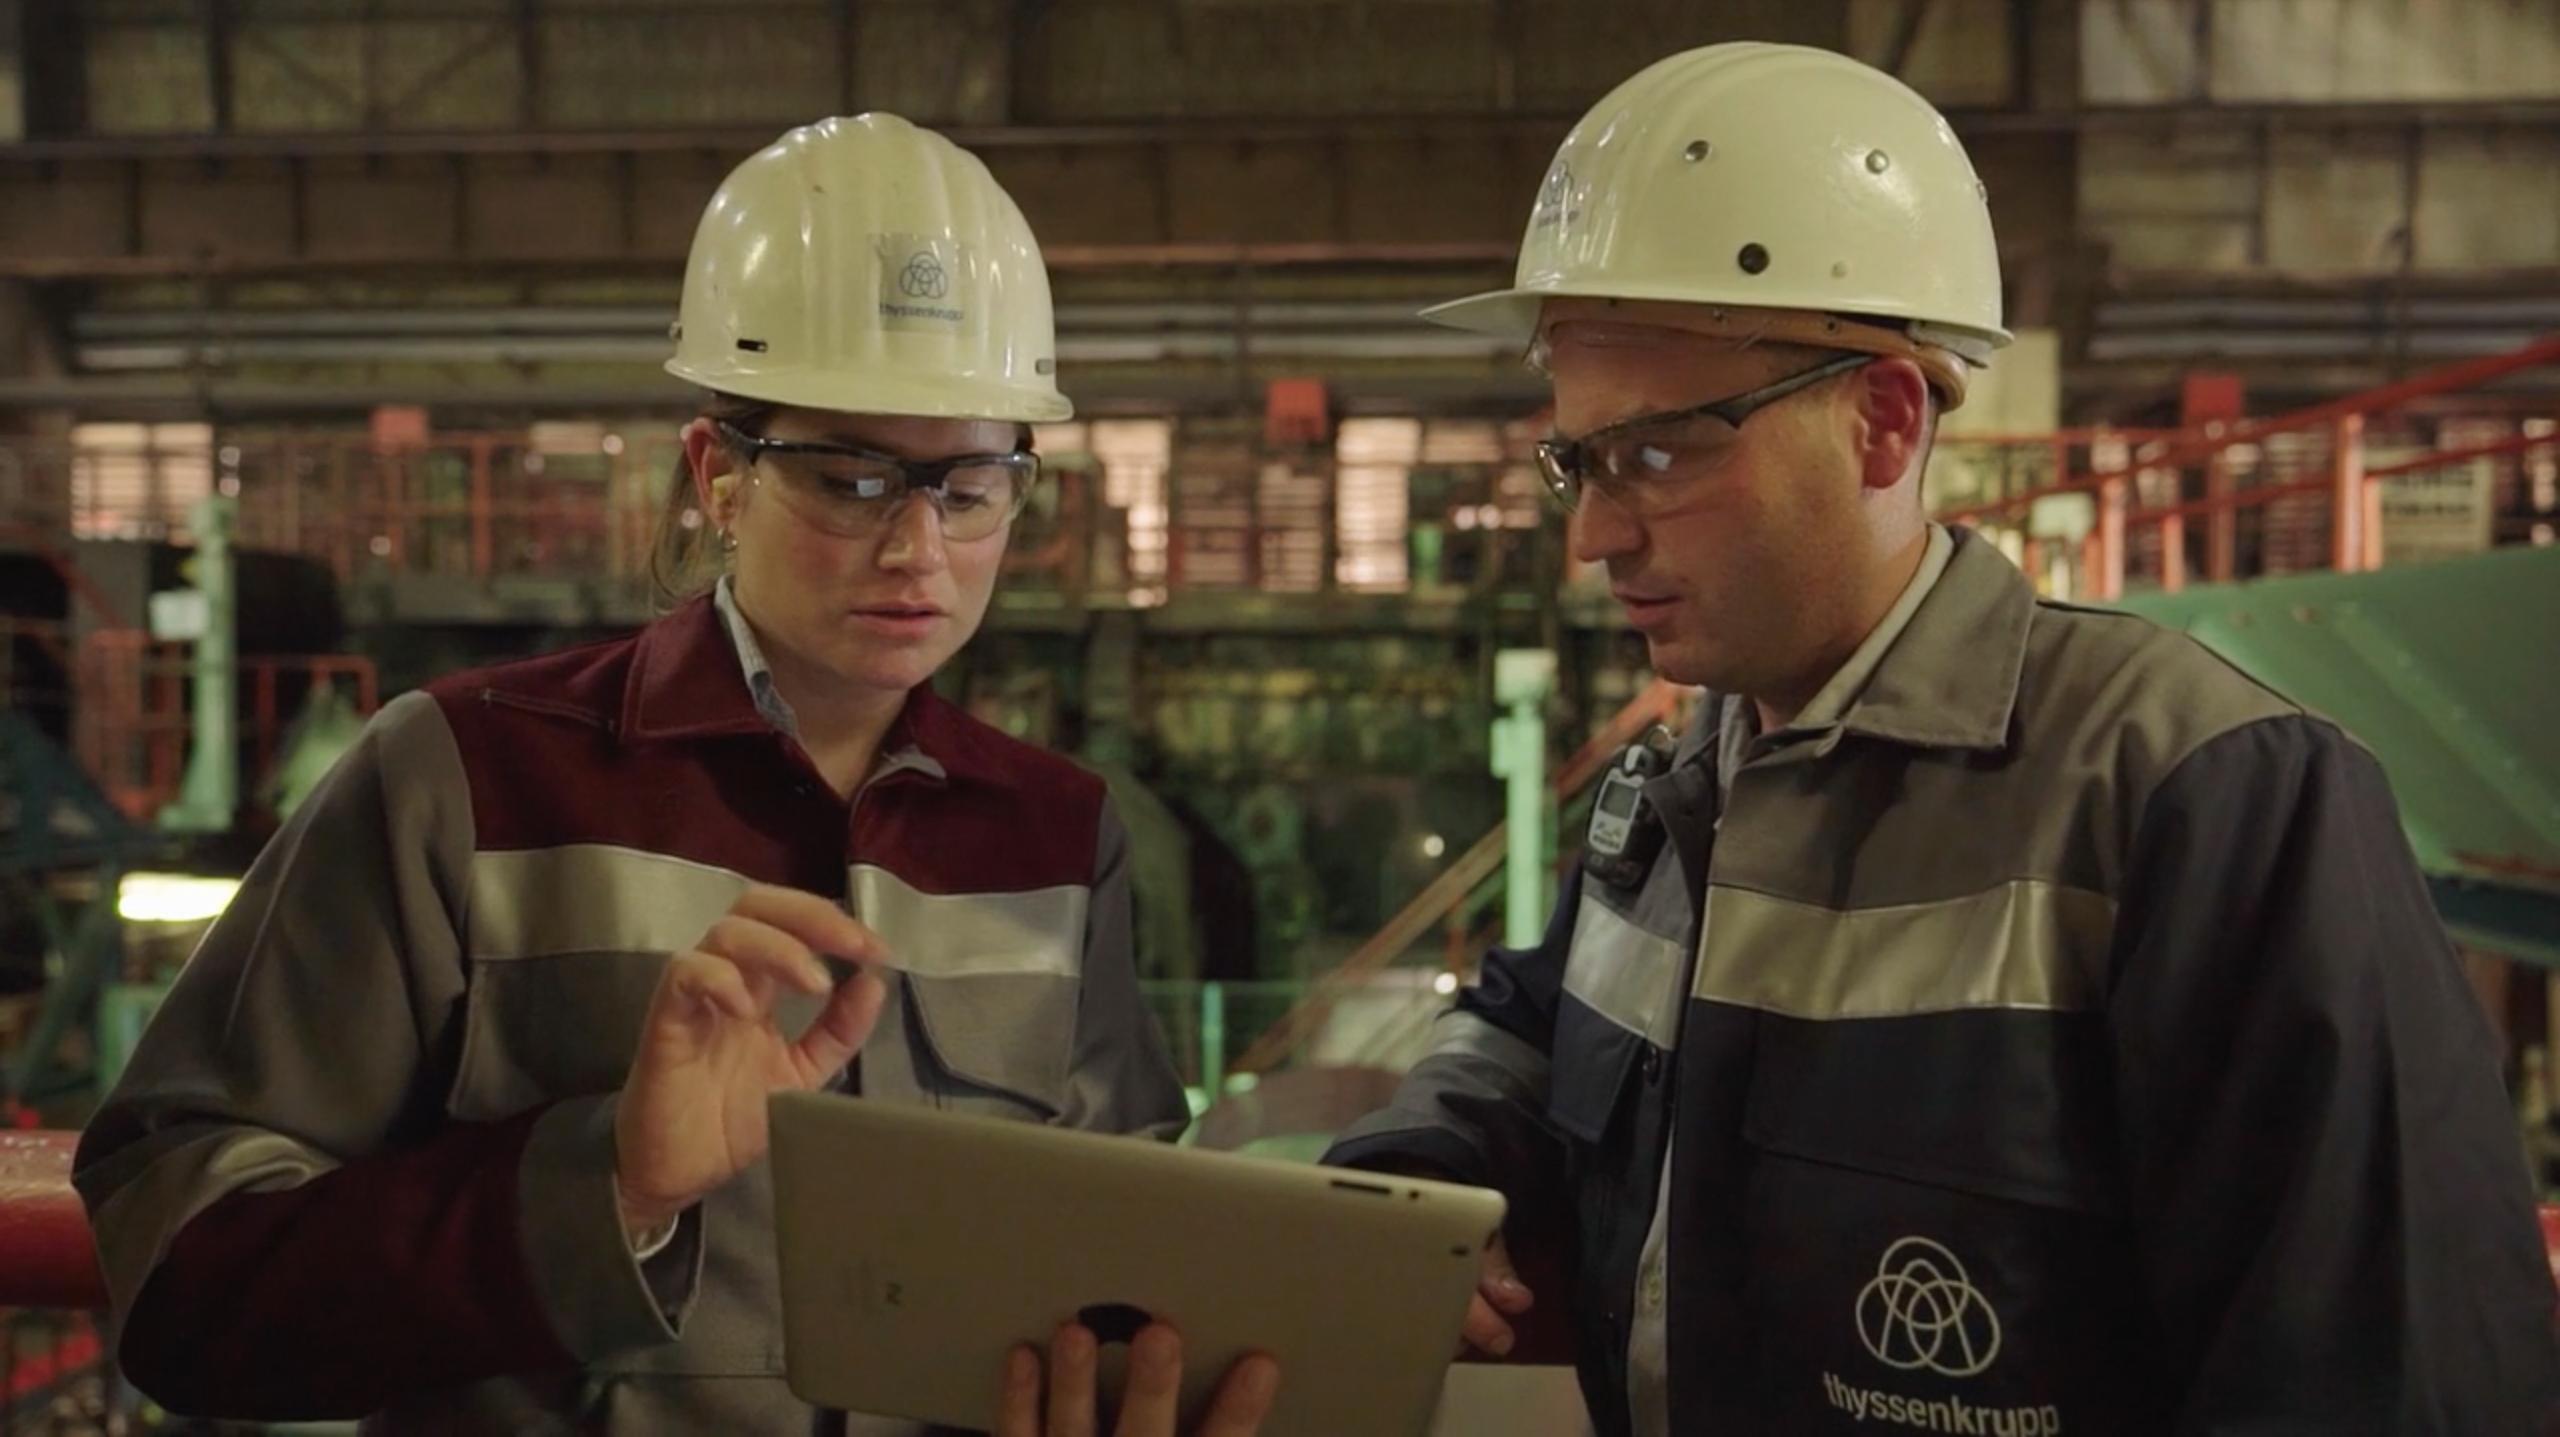 Mitarbeiter Instandhaltung, Quelle: thyssenkrupp